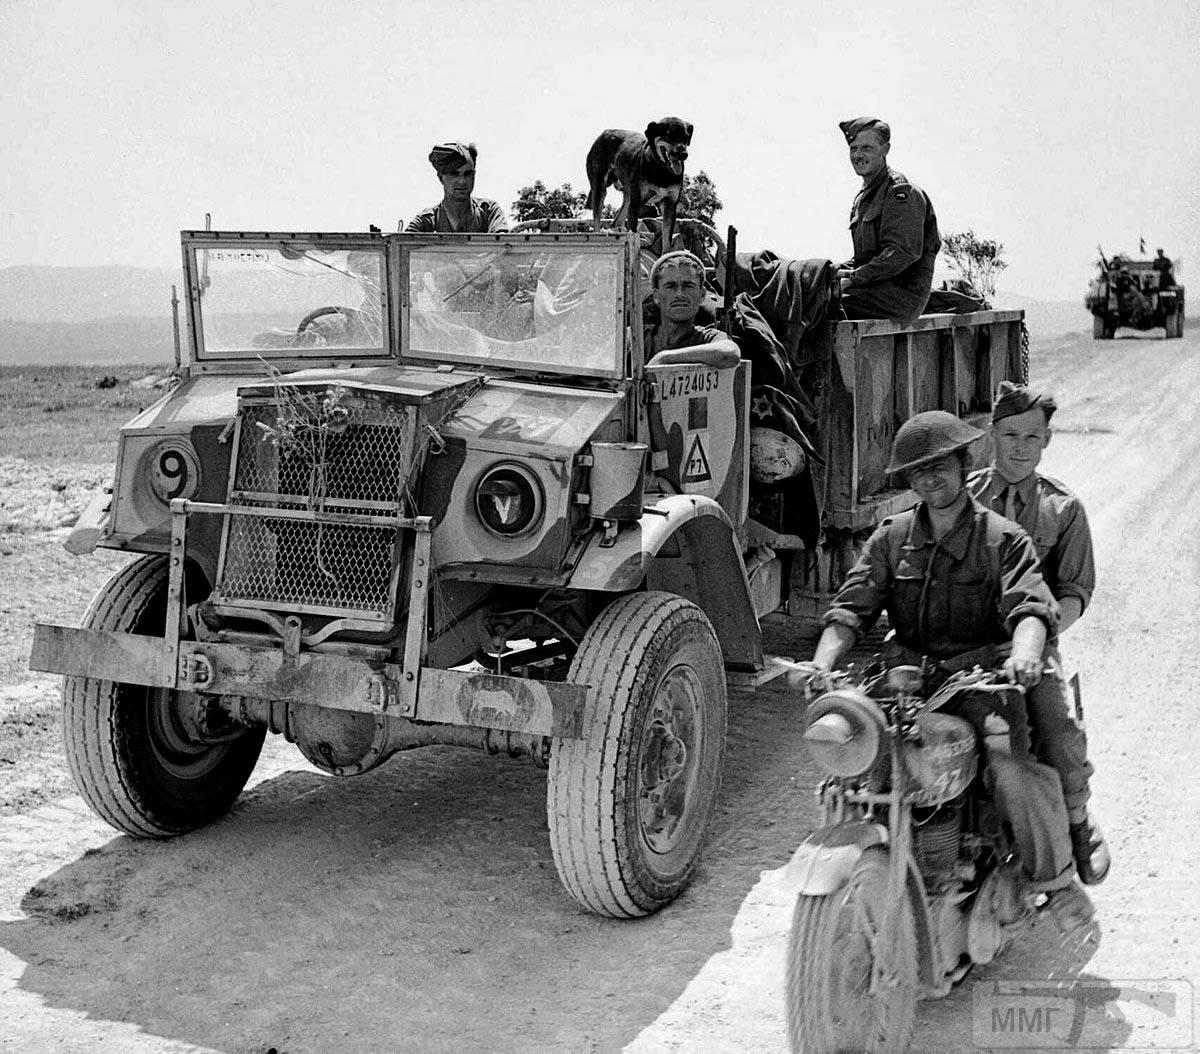 99568 - Военное фото 1939-1945 г.г. Западный фронт и Африка.